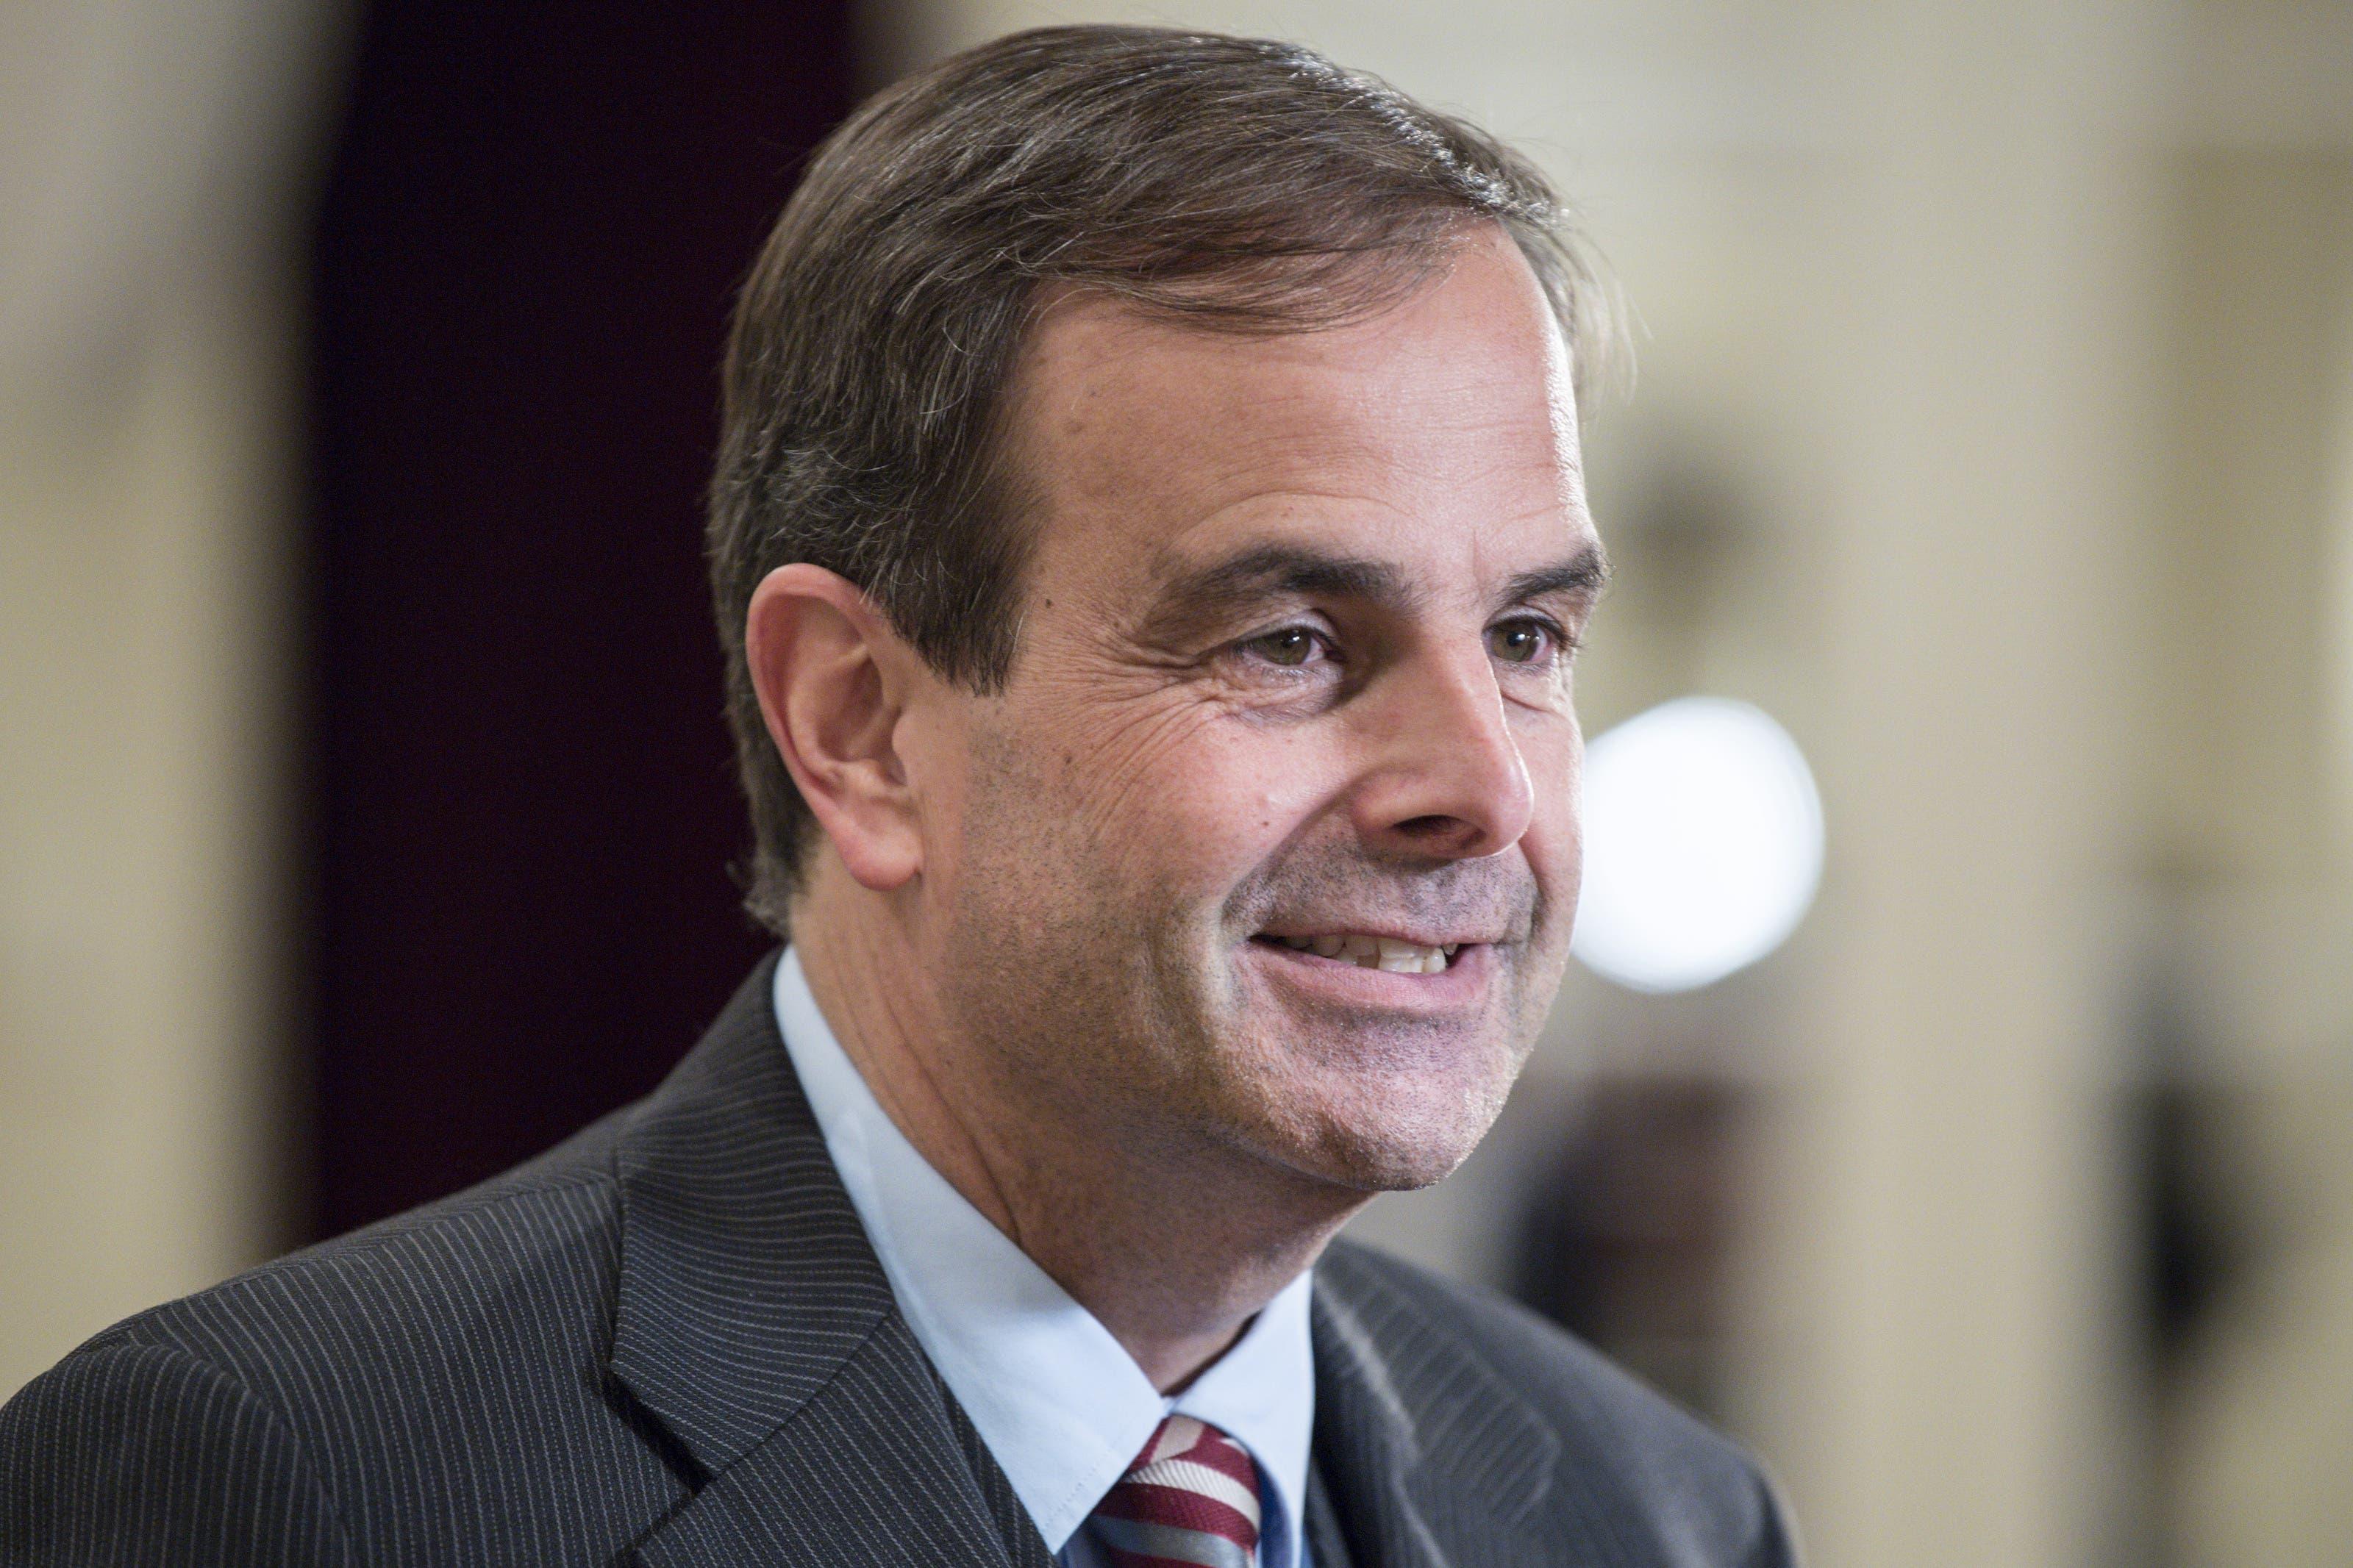 3. Platz: CVP-Präsident Gerhard Pfister fehlte in 21,2 Prozent der Abstimmungen. In Zahlen: 53 von 250 Abstimmungen.